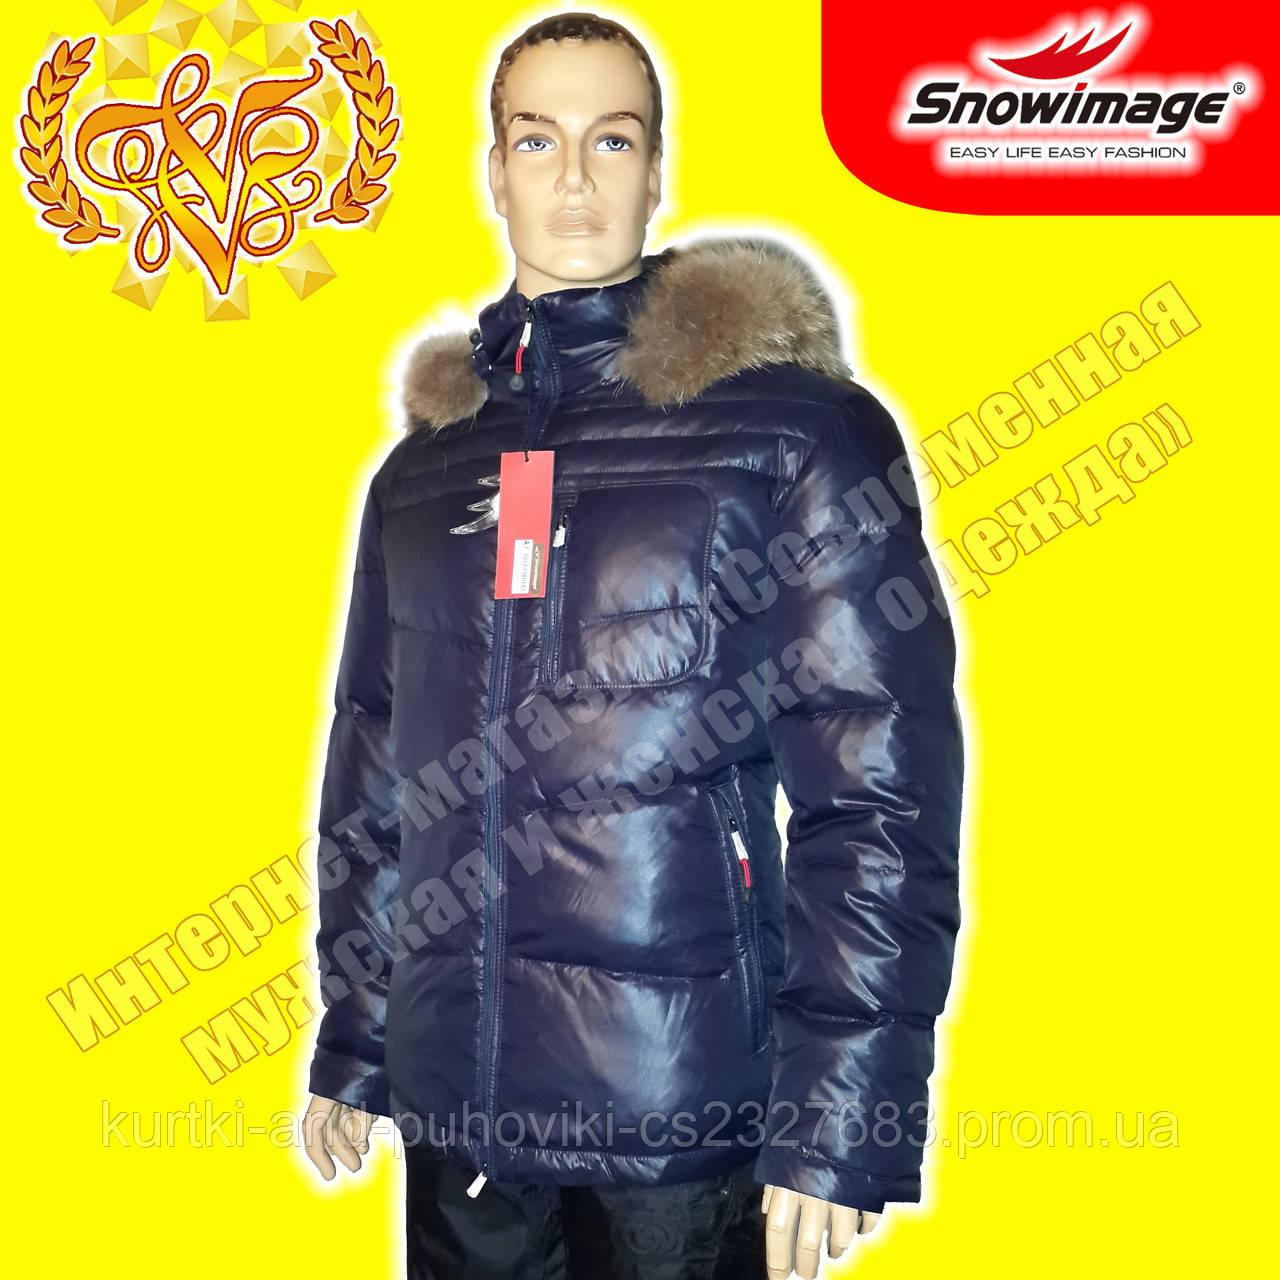 Купить пуховик перламутровый женский — Бренд Snow owl 719 | 1280x1280